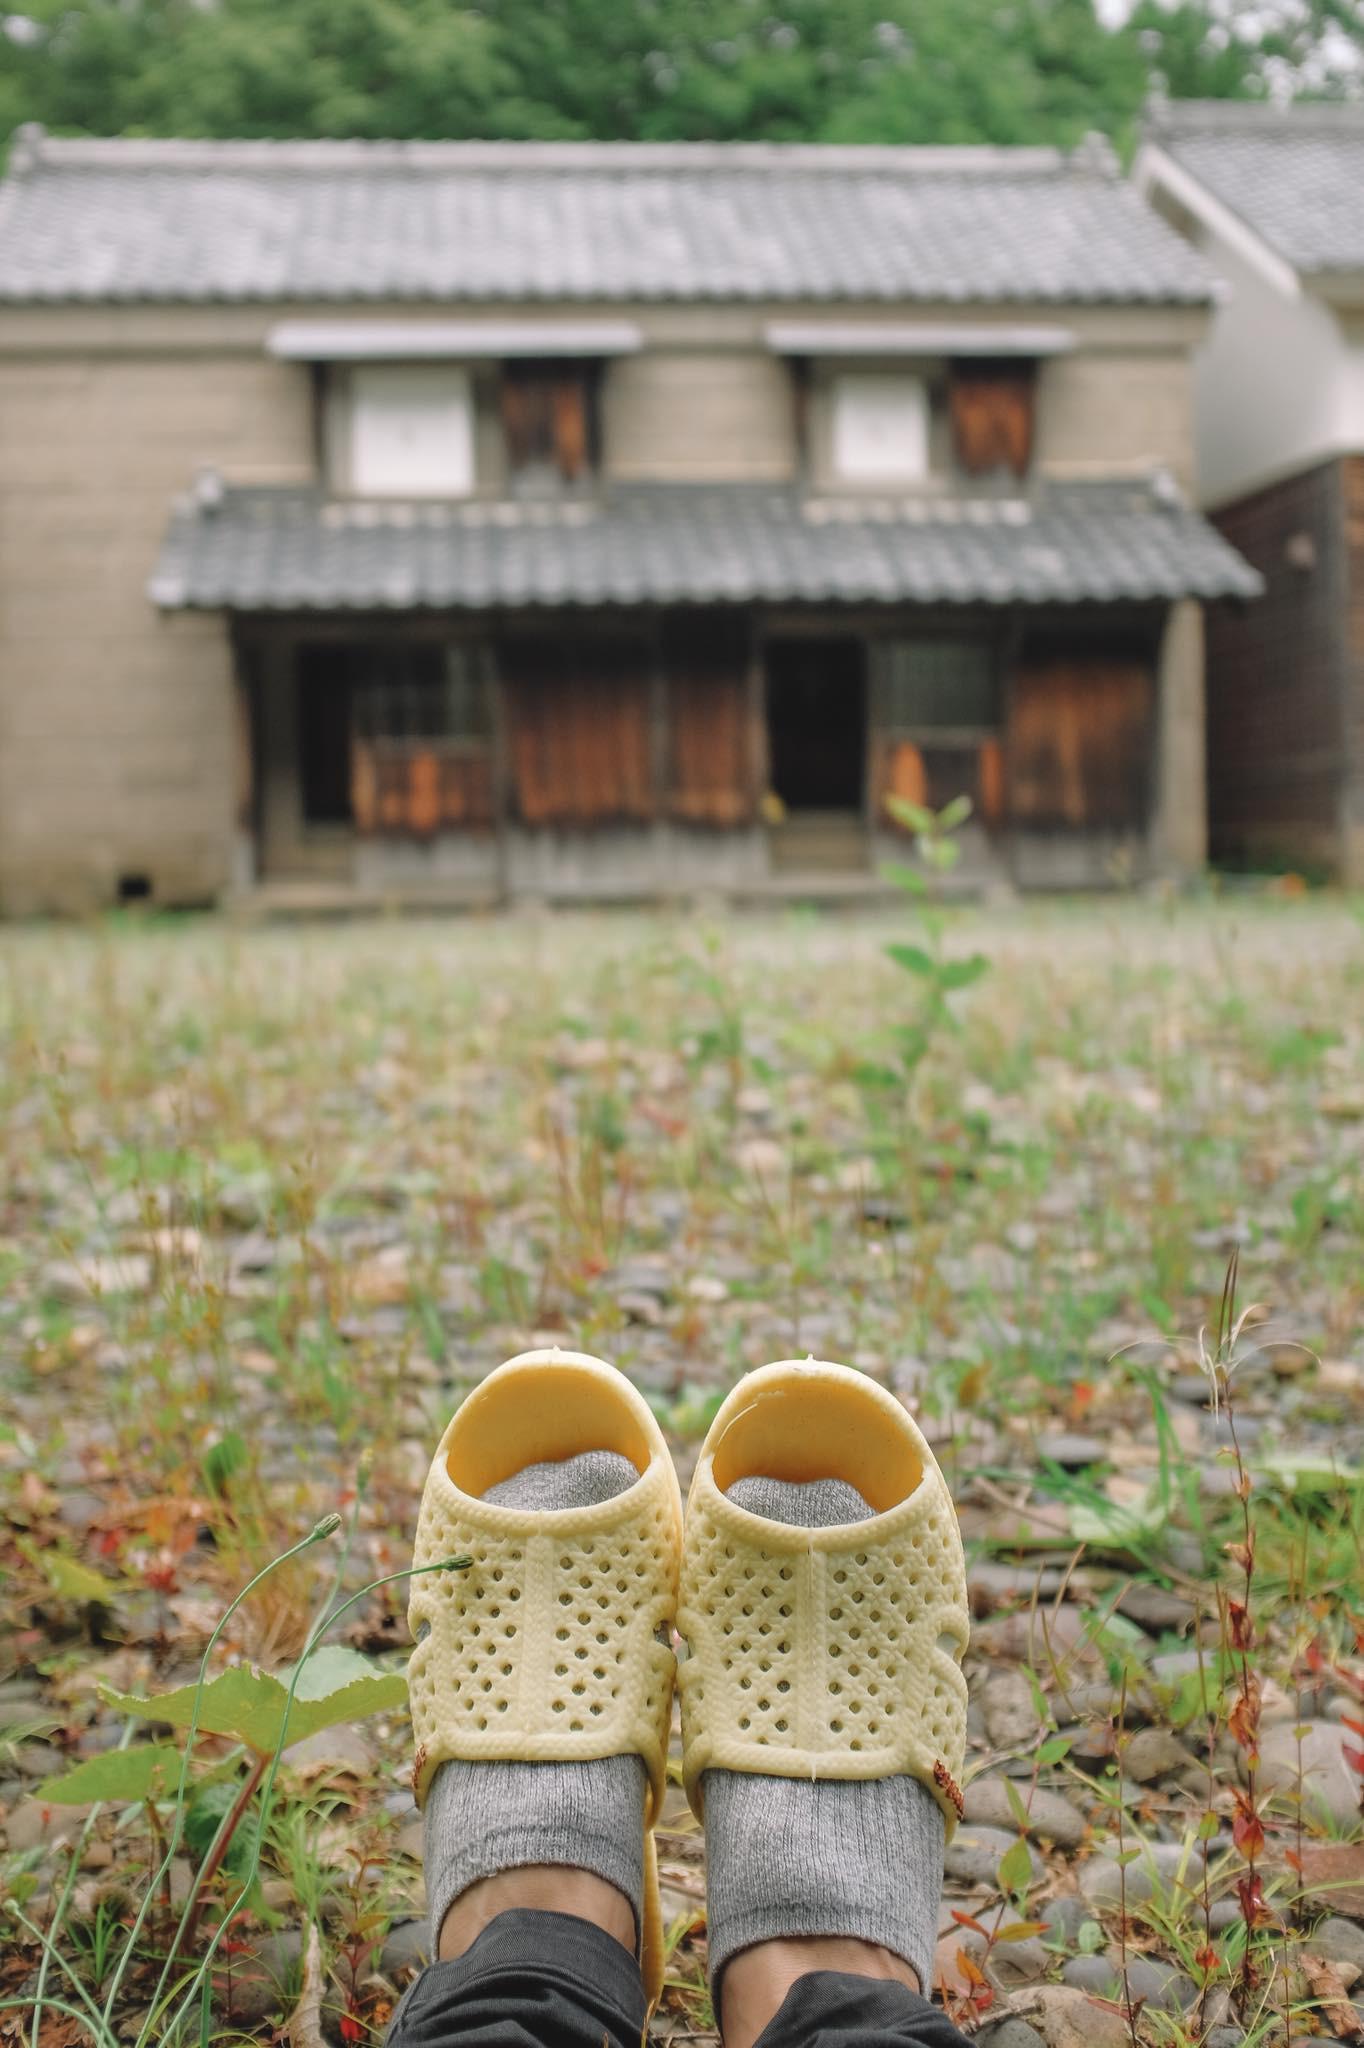 Thánh dép tổ ong tái xuất với bộ ảnh mới, lần này là rong ruổi miền Bắc nước Nhật xinh đẹp - Ảnh 7.